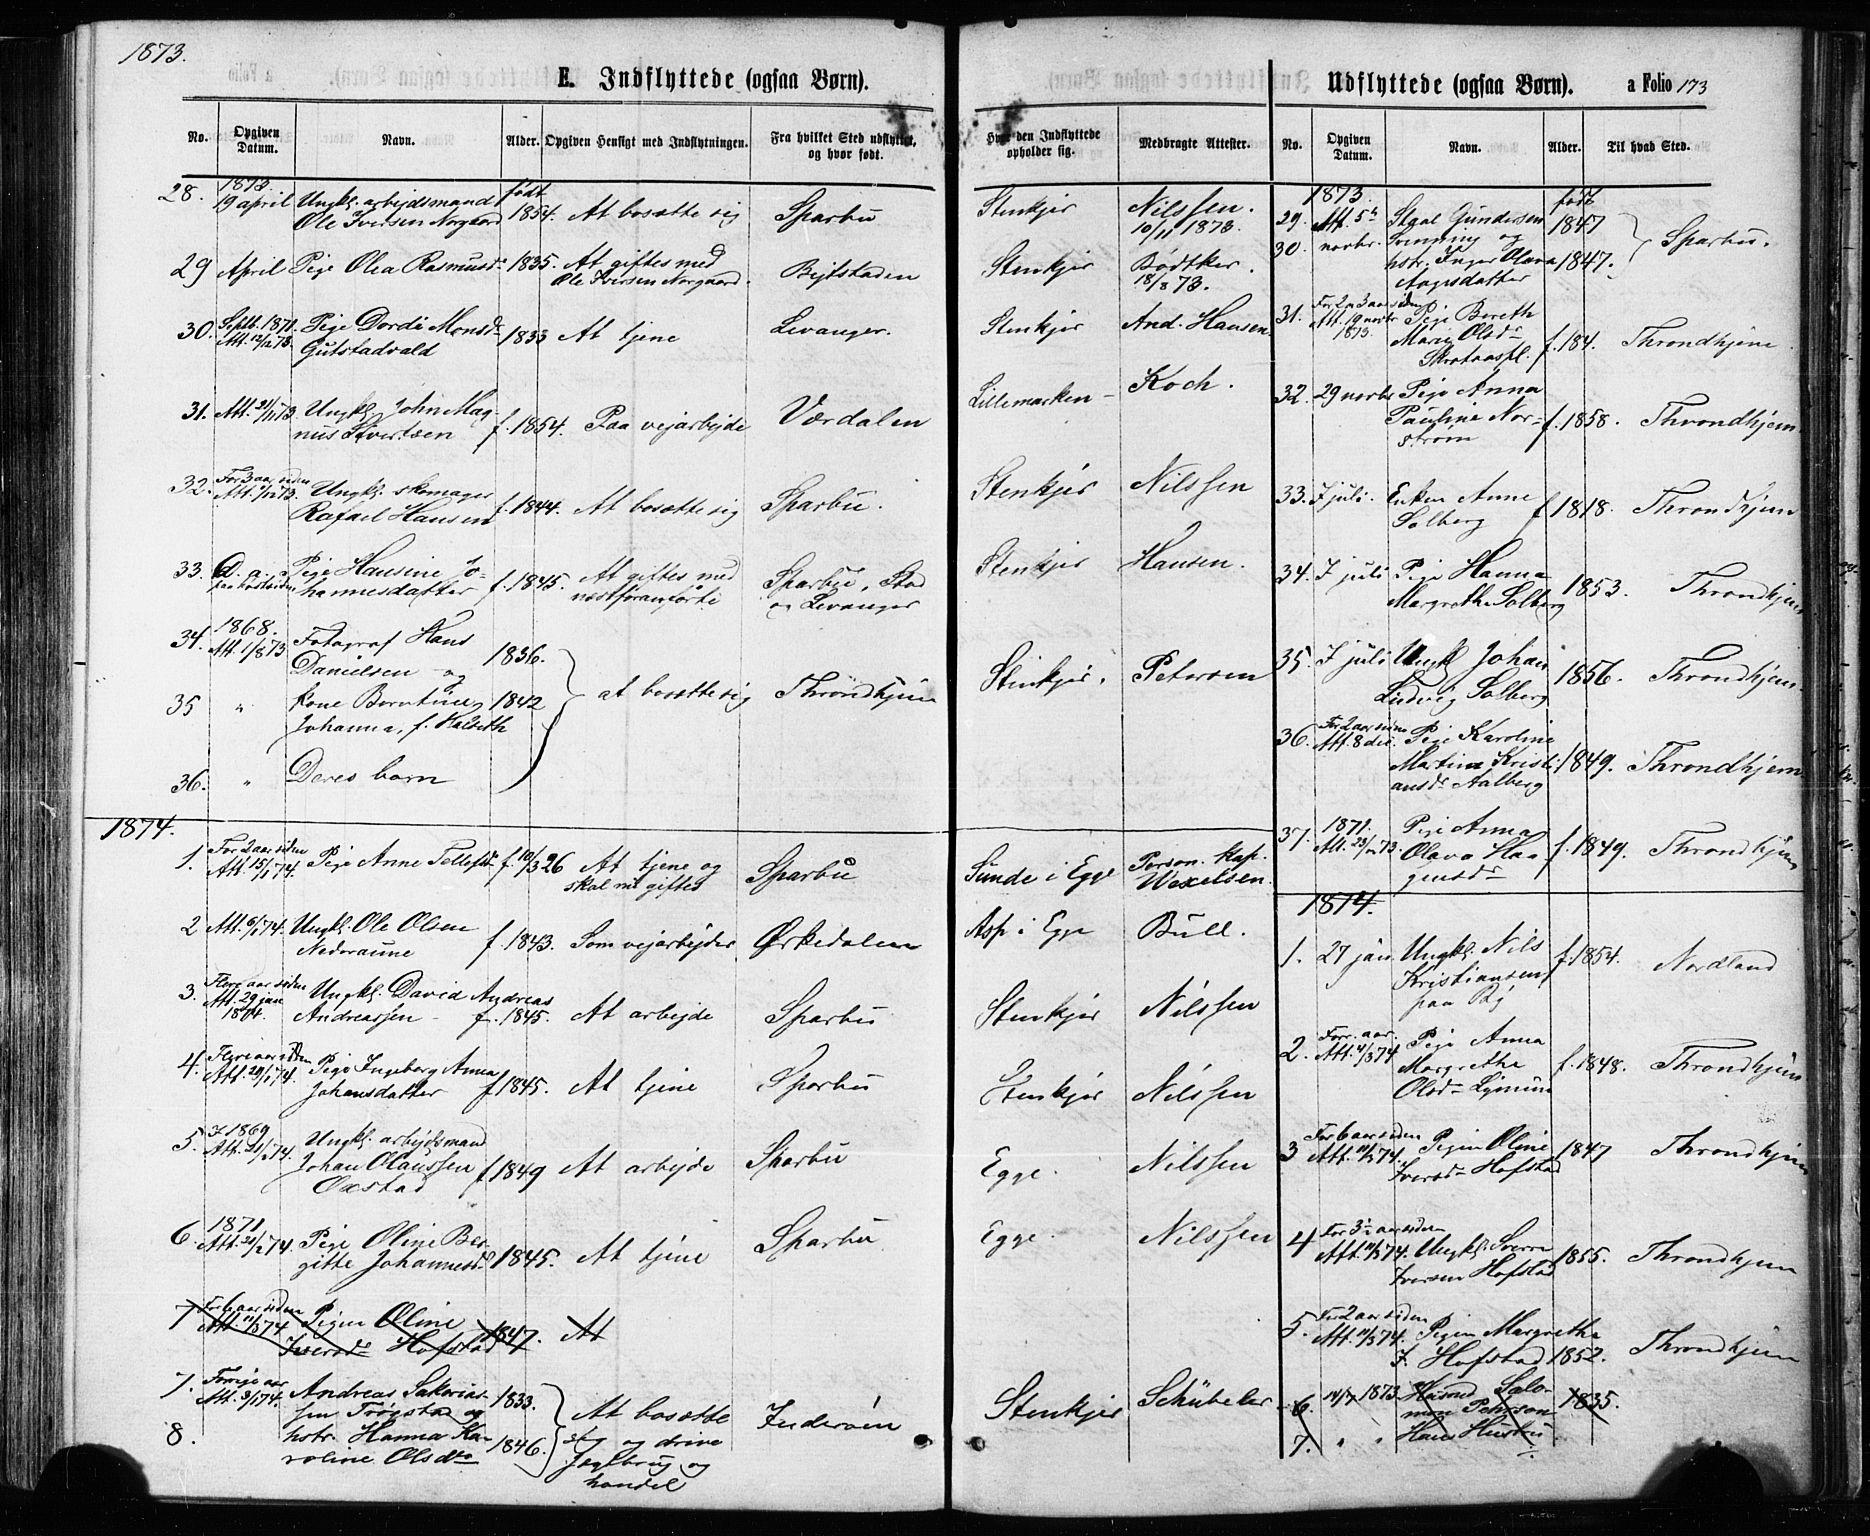 SAT, Ministerialprotokoller, klokkerbøker og fødselsregistre - Nord-Trøndelag, 739/L0370: Ministerialbok nr. 739A02, 1868-1881, s. 173